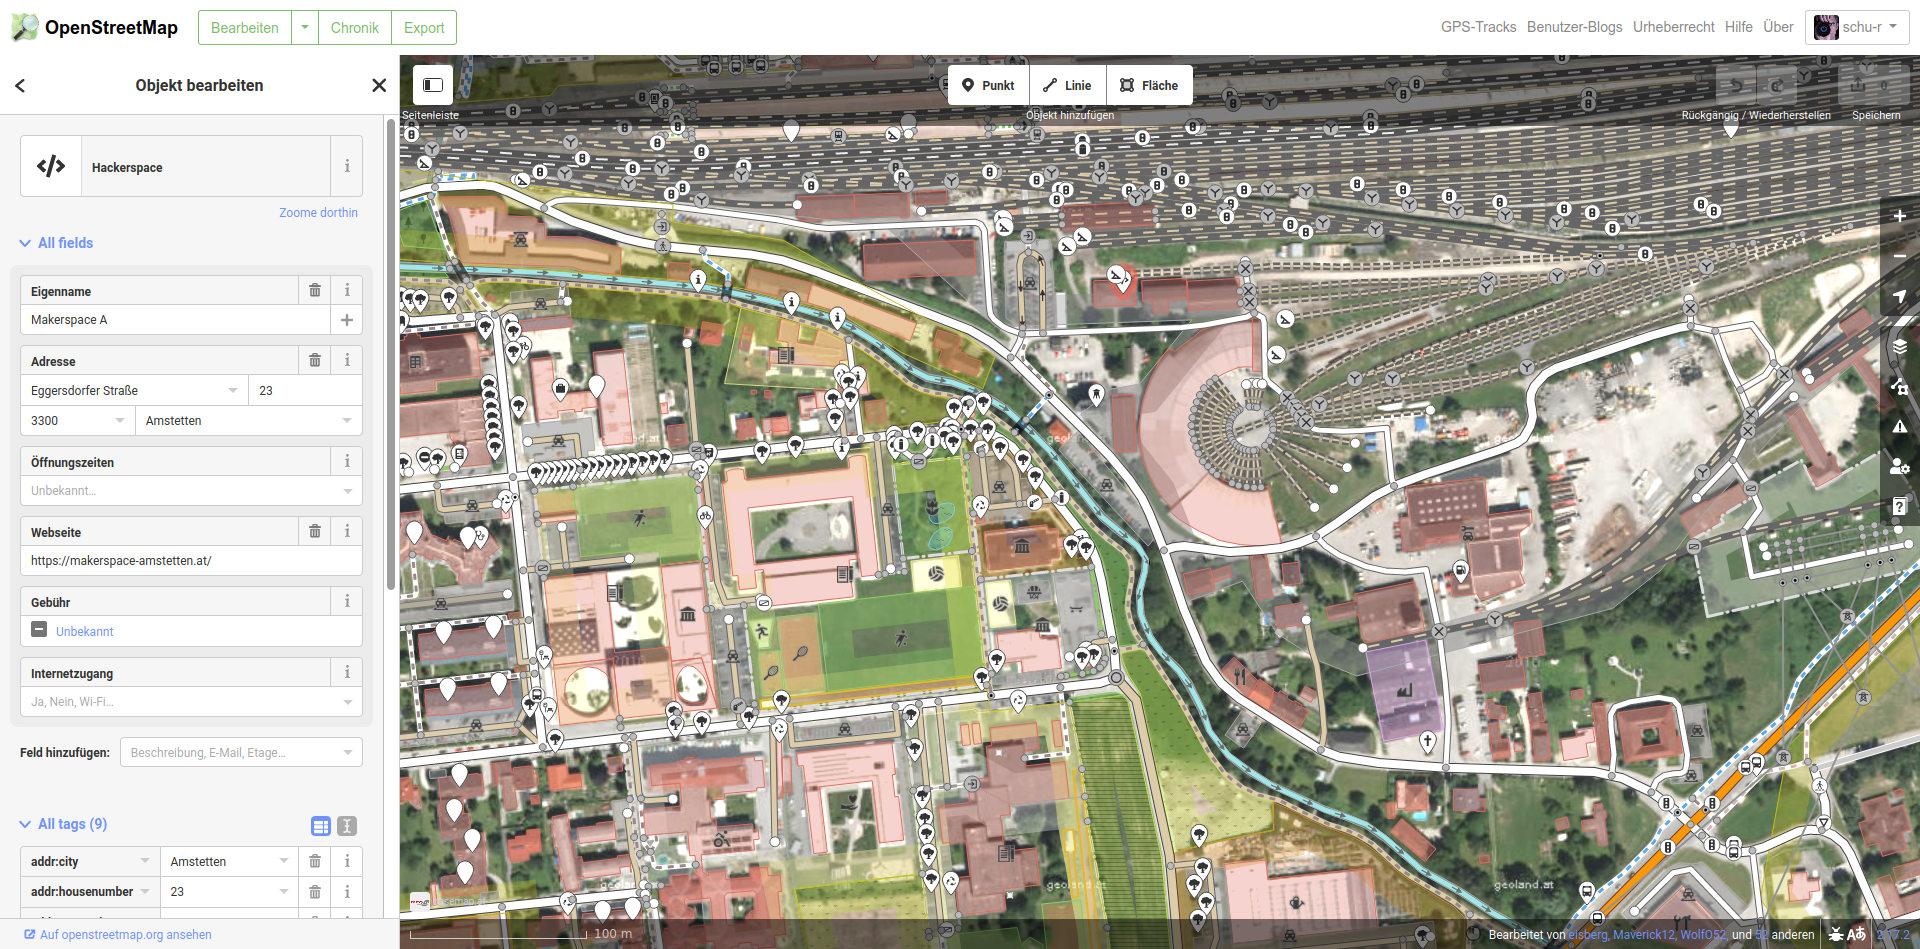 OpenStreetMap: lokales Wissen zentral vereint